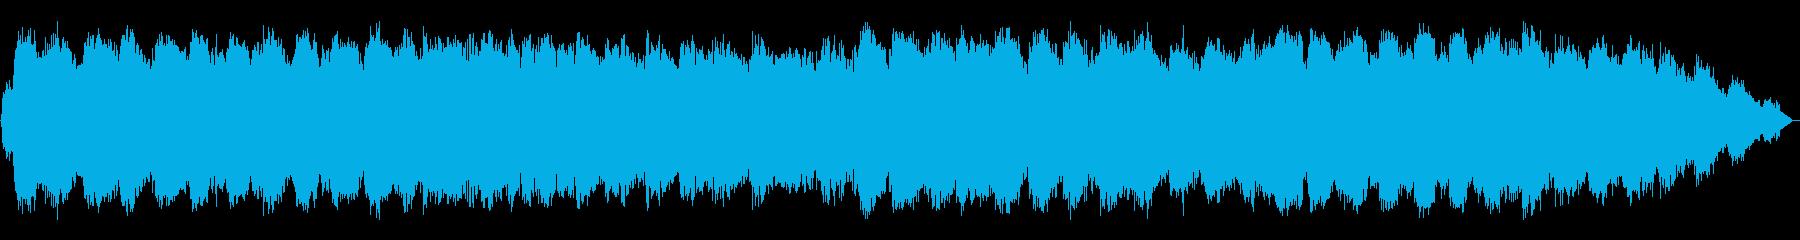 エスニックな笛のヒーリング音楽の再生済みの波形